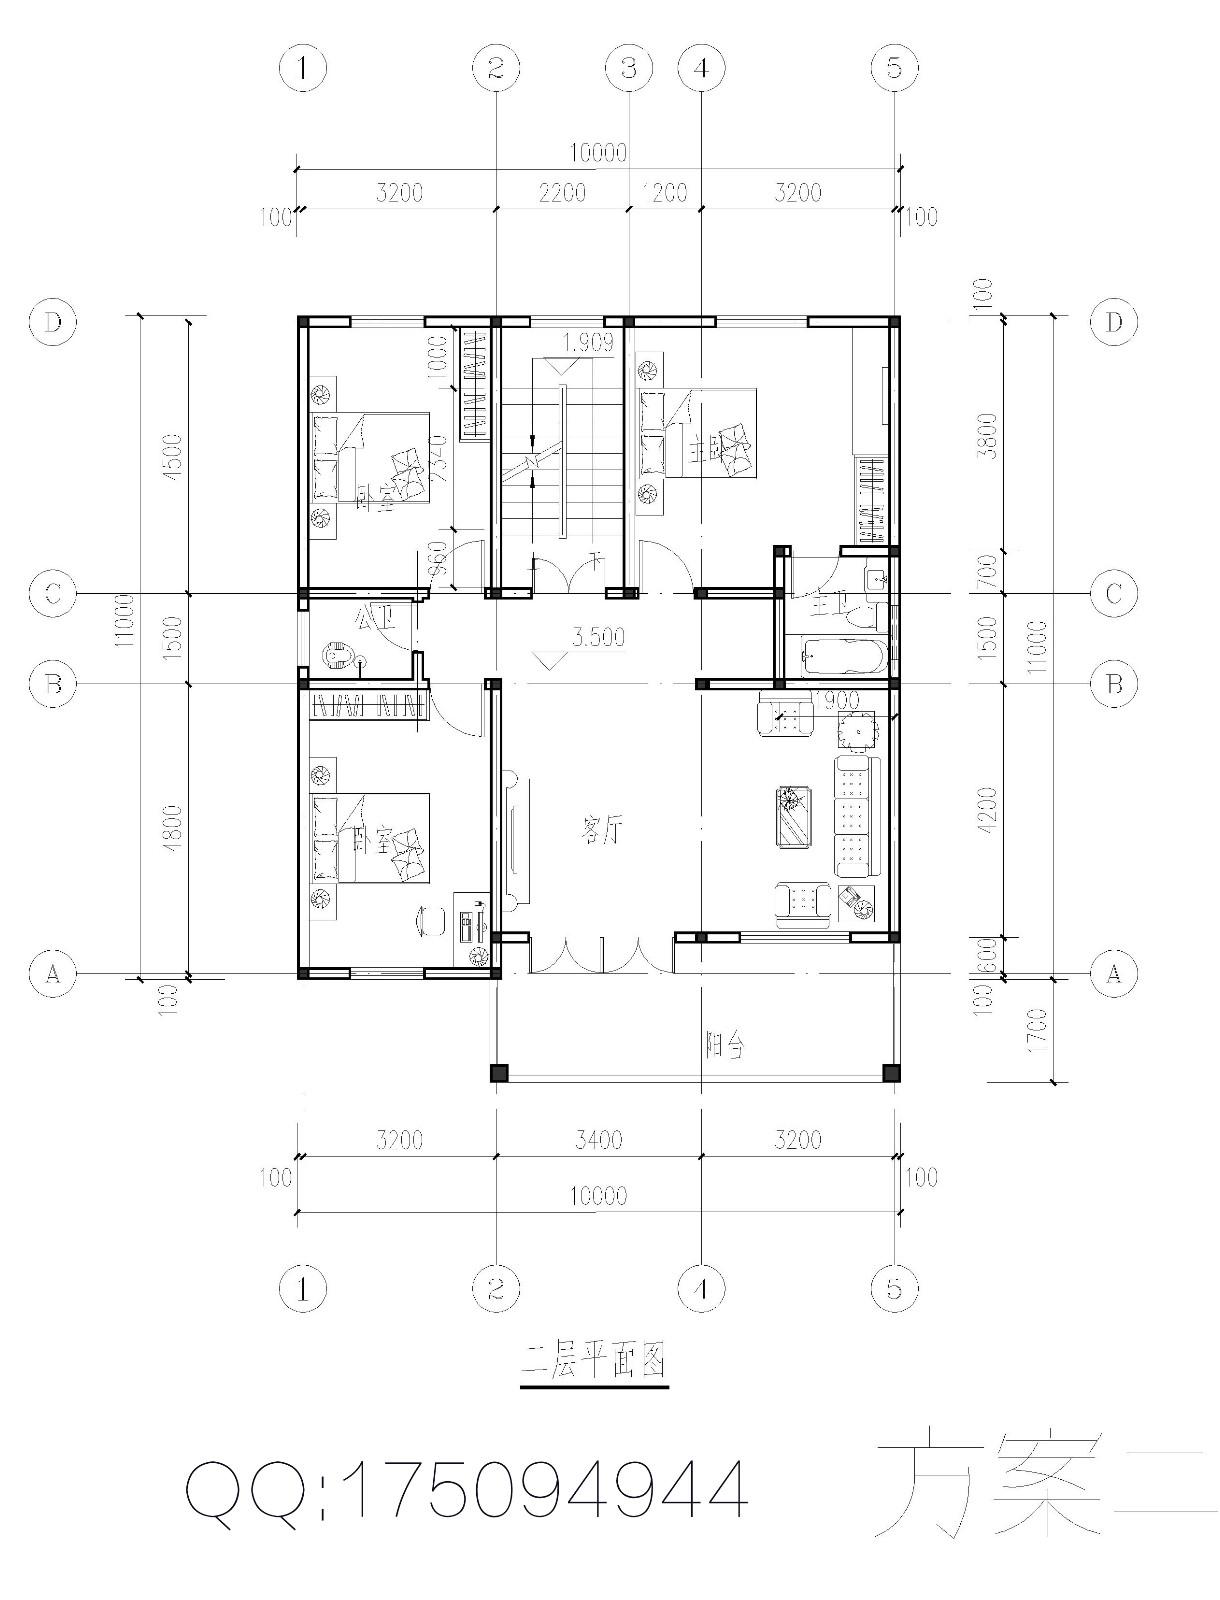 10米x10米房屋设计图